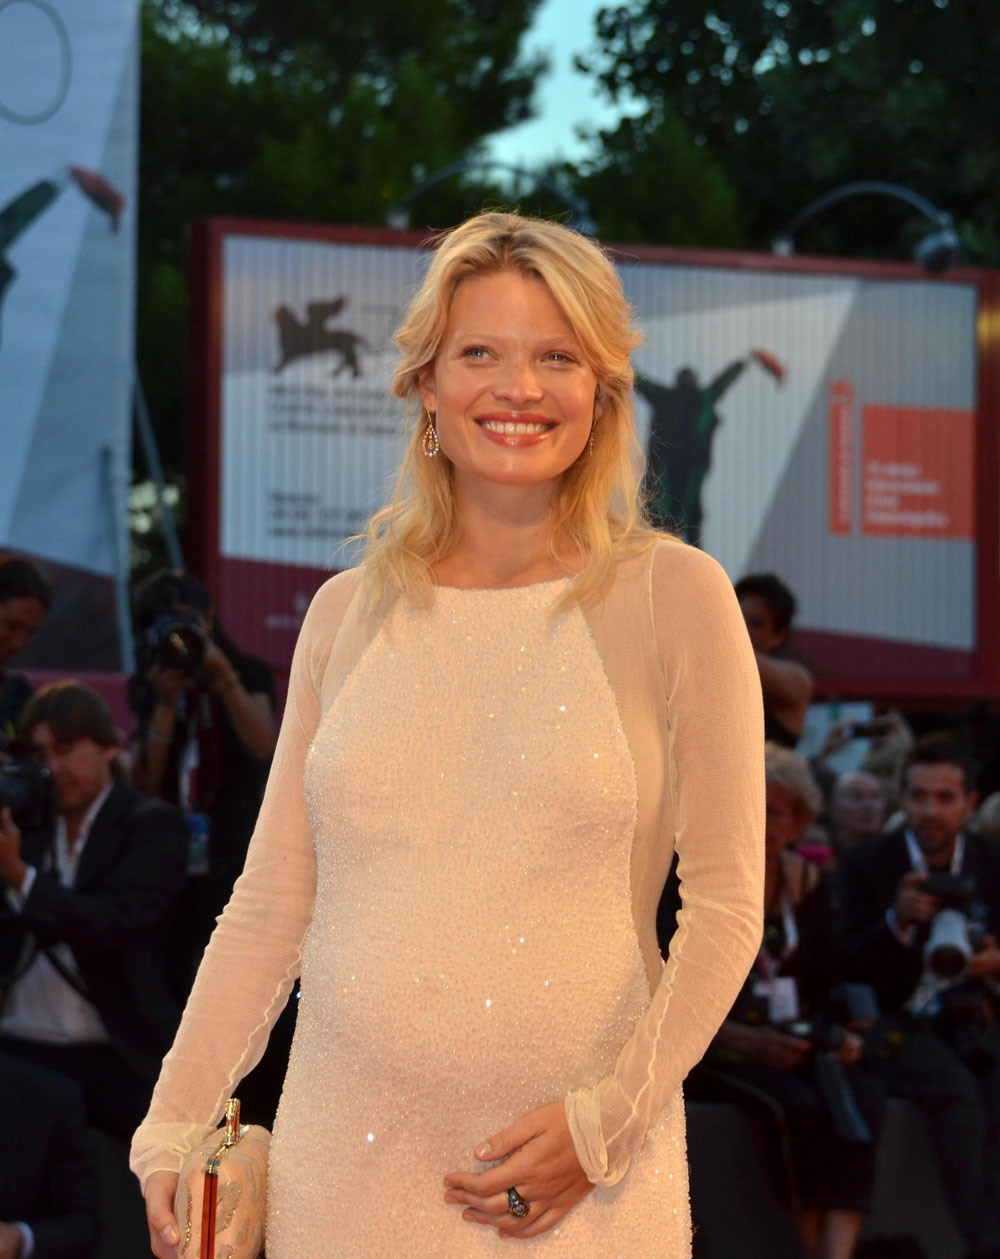 In foto Mélanie Thierry (39 anni) Dall'articolo: Venezia 70, cresce l'attesa per Scarlett Johansson.